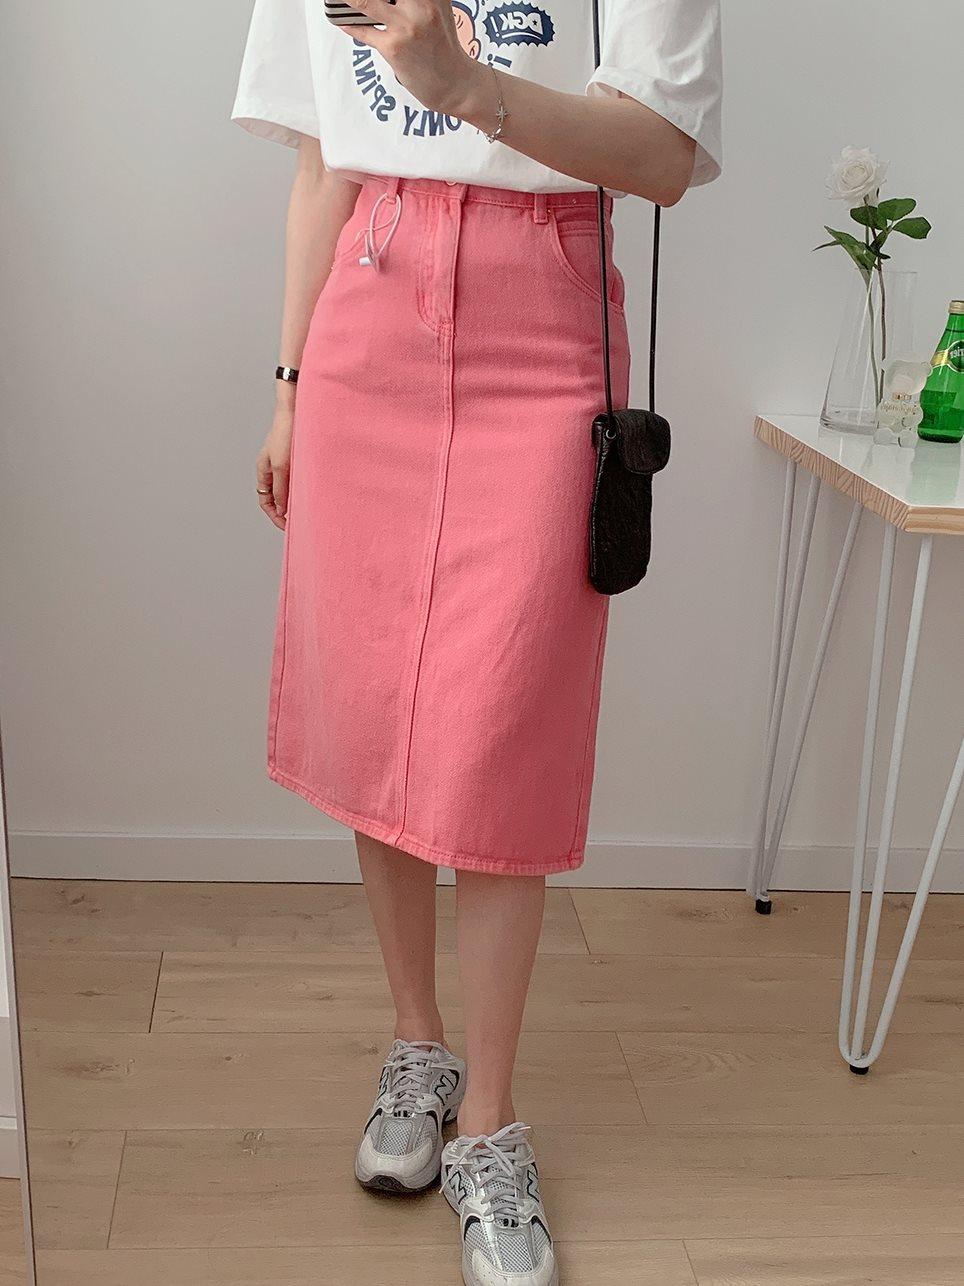 牛仔半身长裙 夏季新款韩版设计师牛仔长裙H型直筒显瘦高腰过膝半身裙女_推荐淘宝好看的牛仔半身长裙